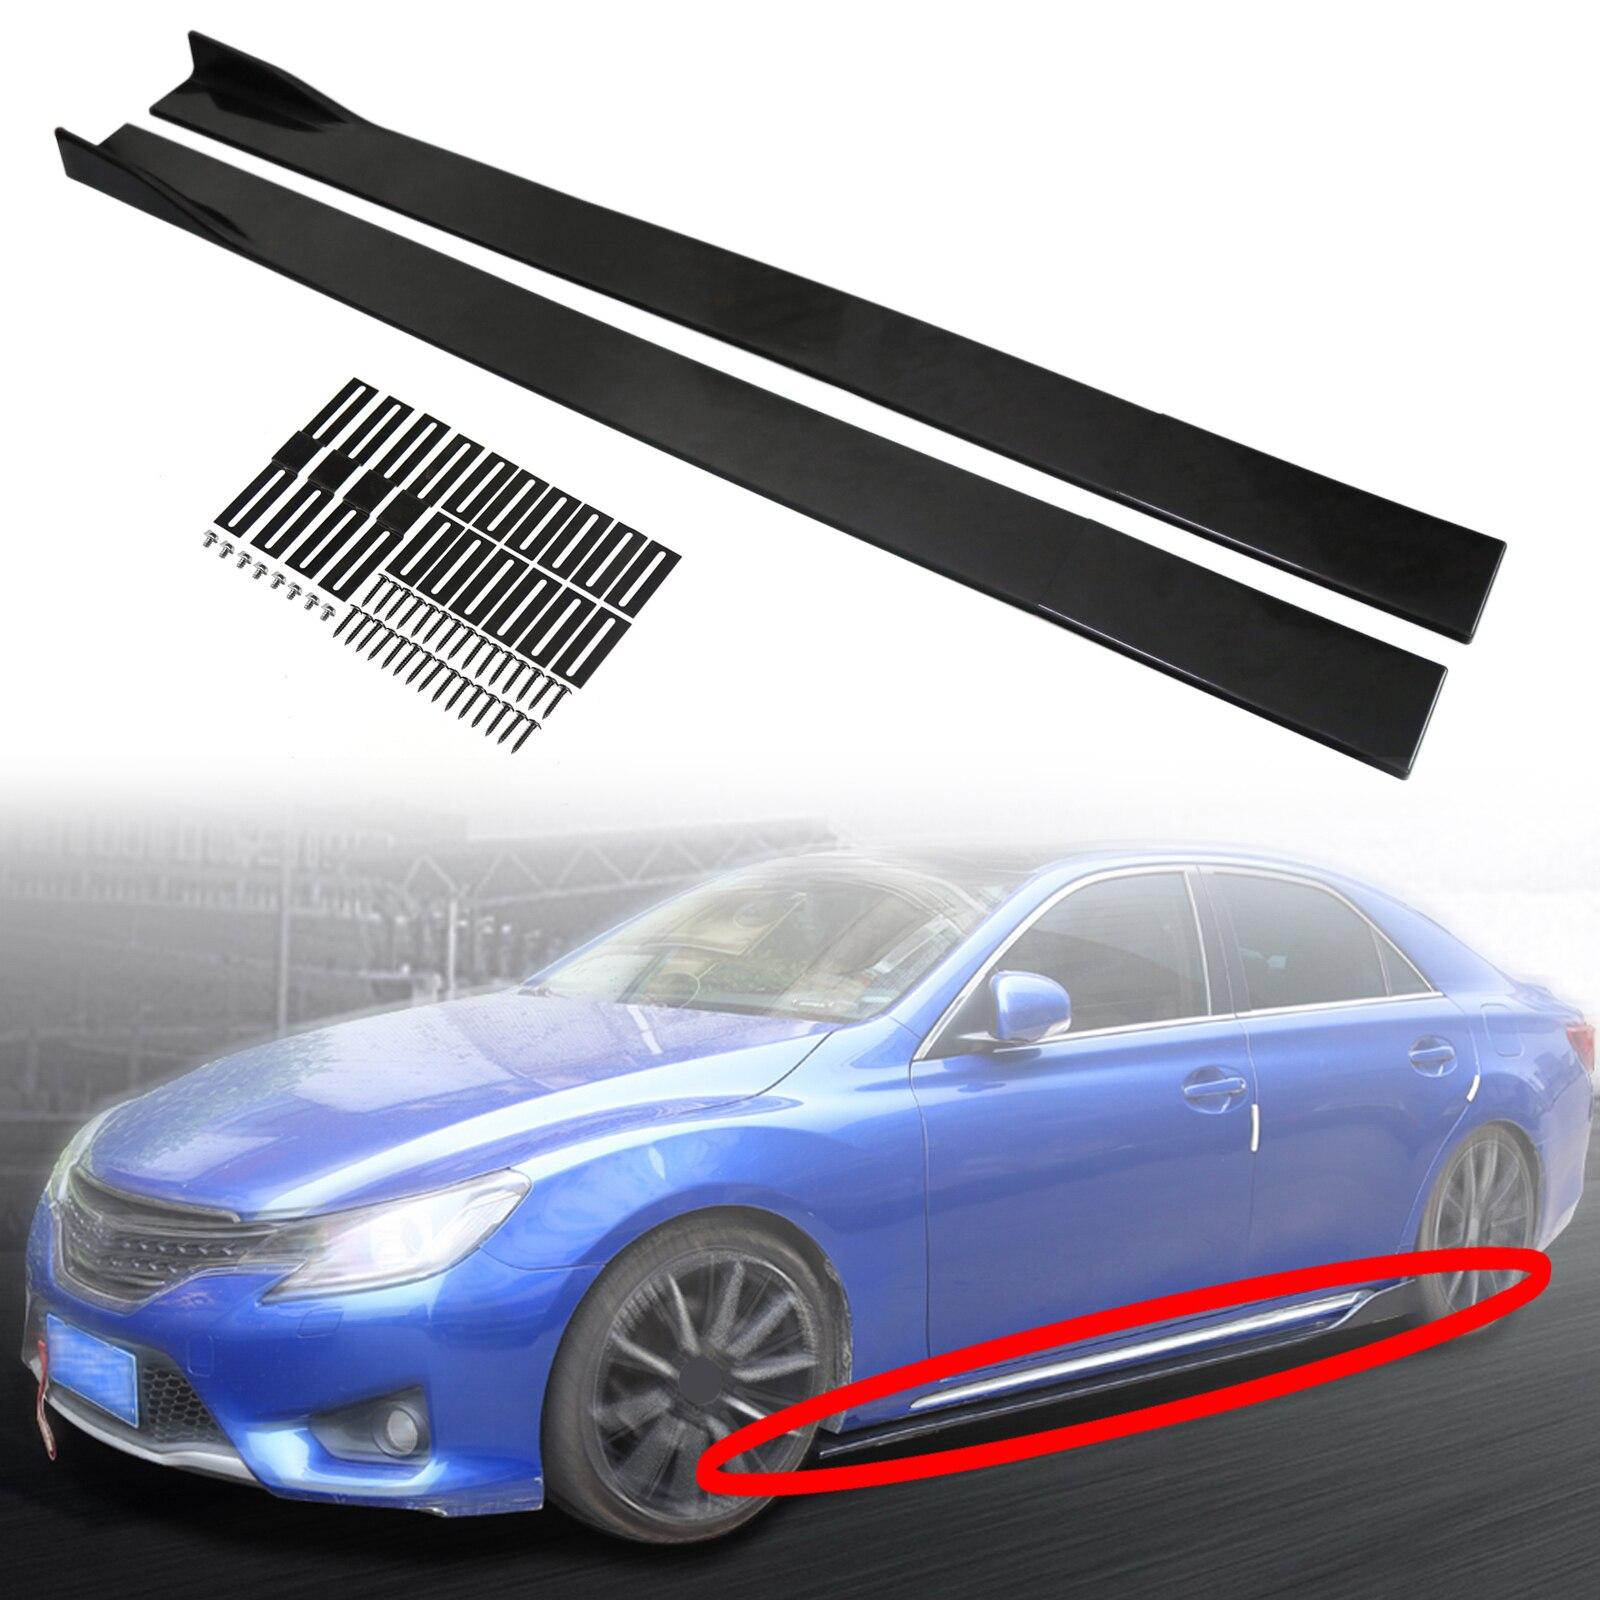 """Areyourshop 86.6 """"universal saia lateral extensões painel de balancim divisores lábio polipropileno para bmw para audi para honda peças do carro"""